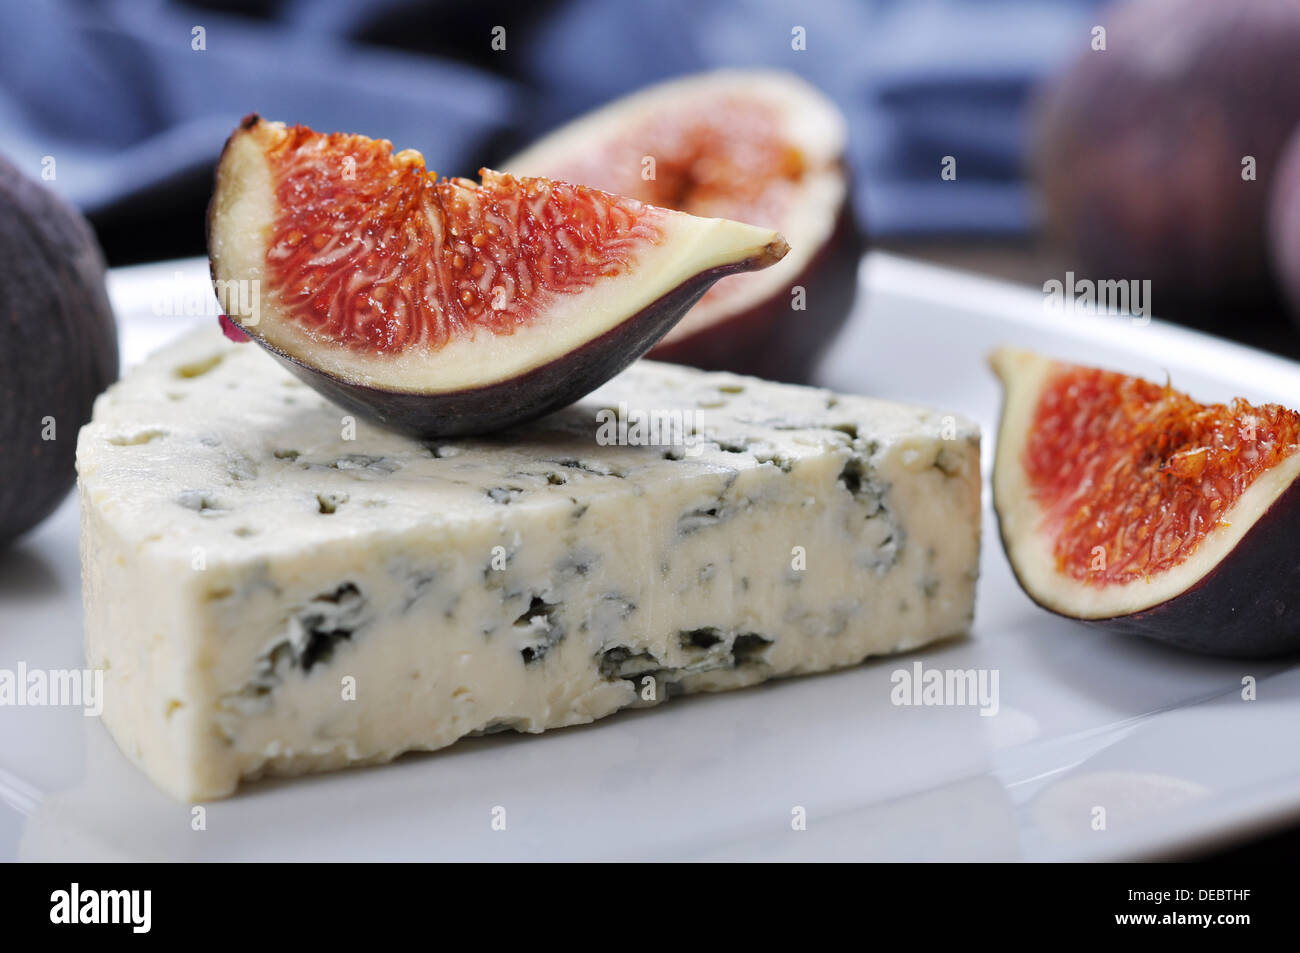 Blauschimmelkäse und süßem Obst Feigen auf einem weißen Teller Stockbild